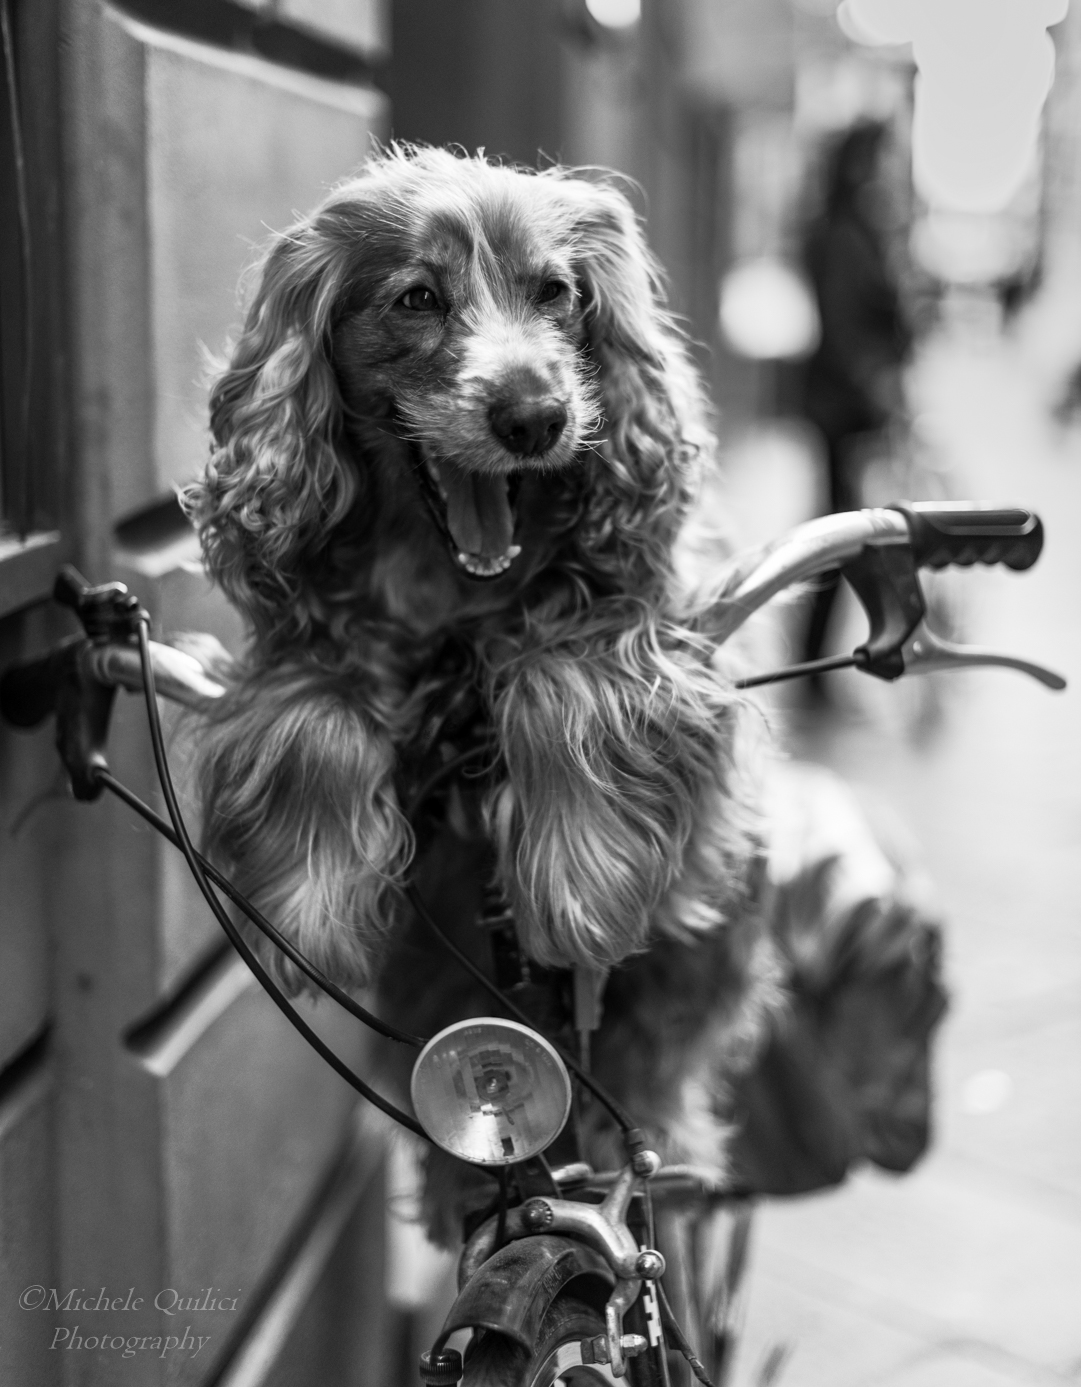 Guai a chi tocca la mia bicicletta!...